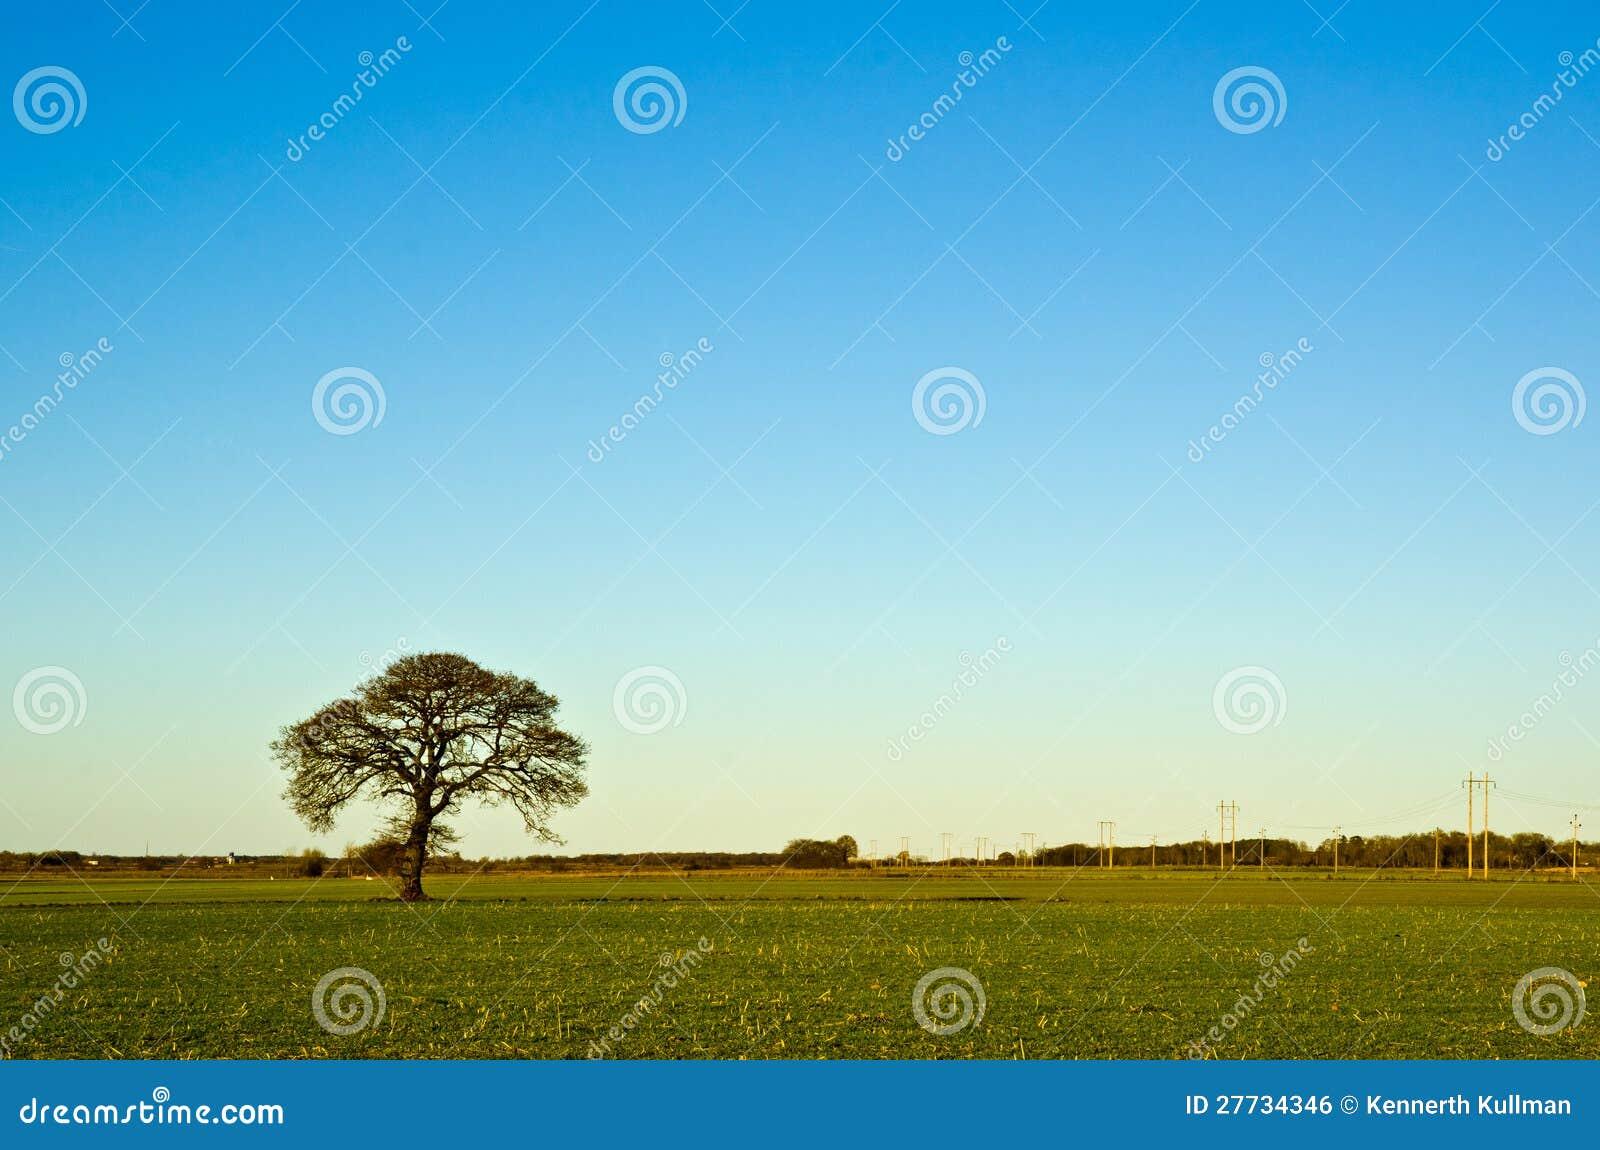 Solitaireeichenbaum